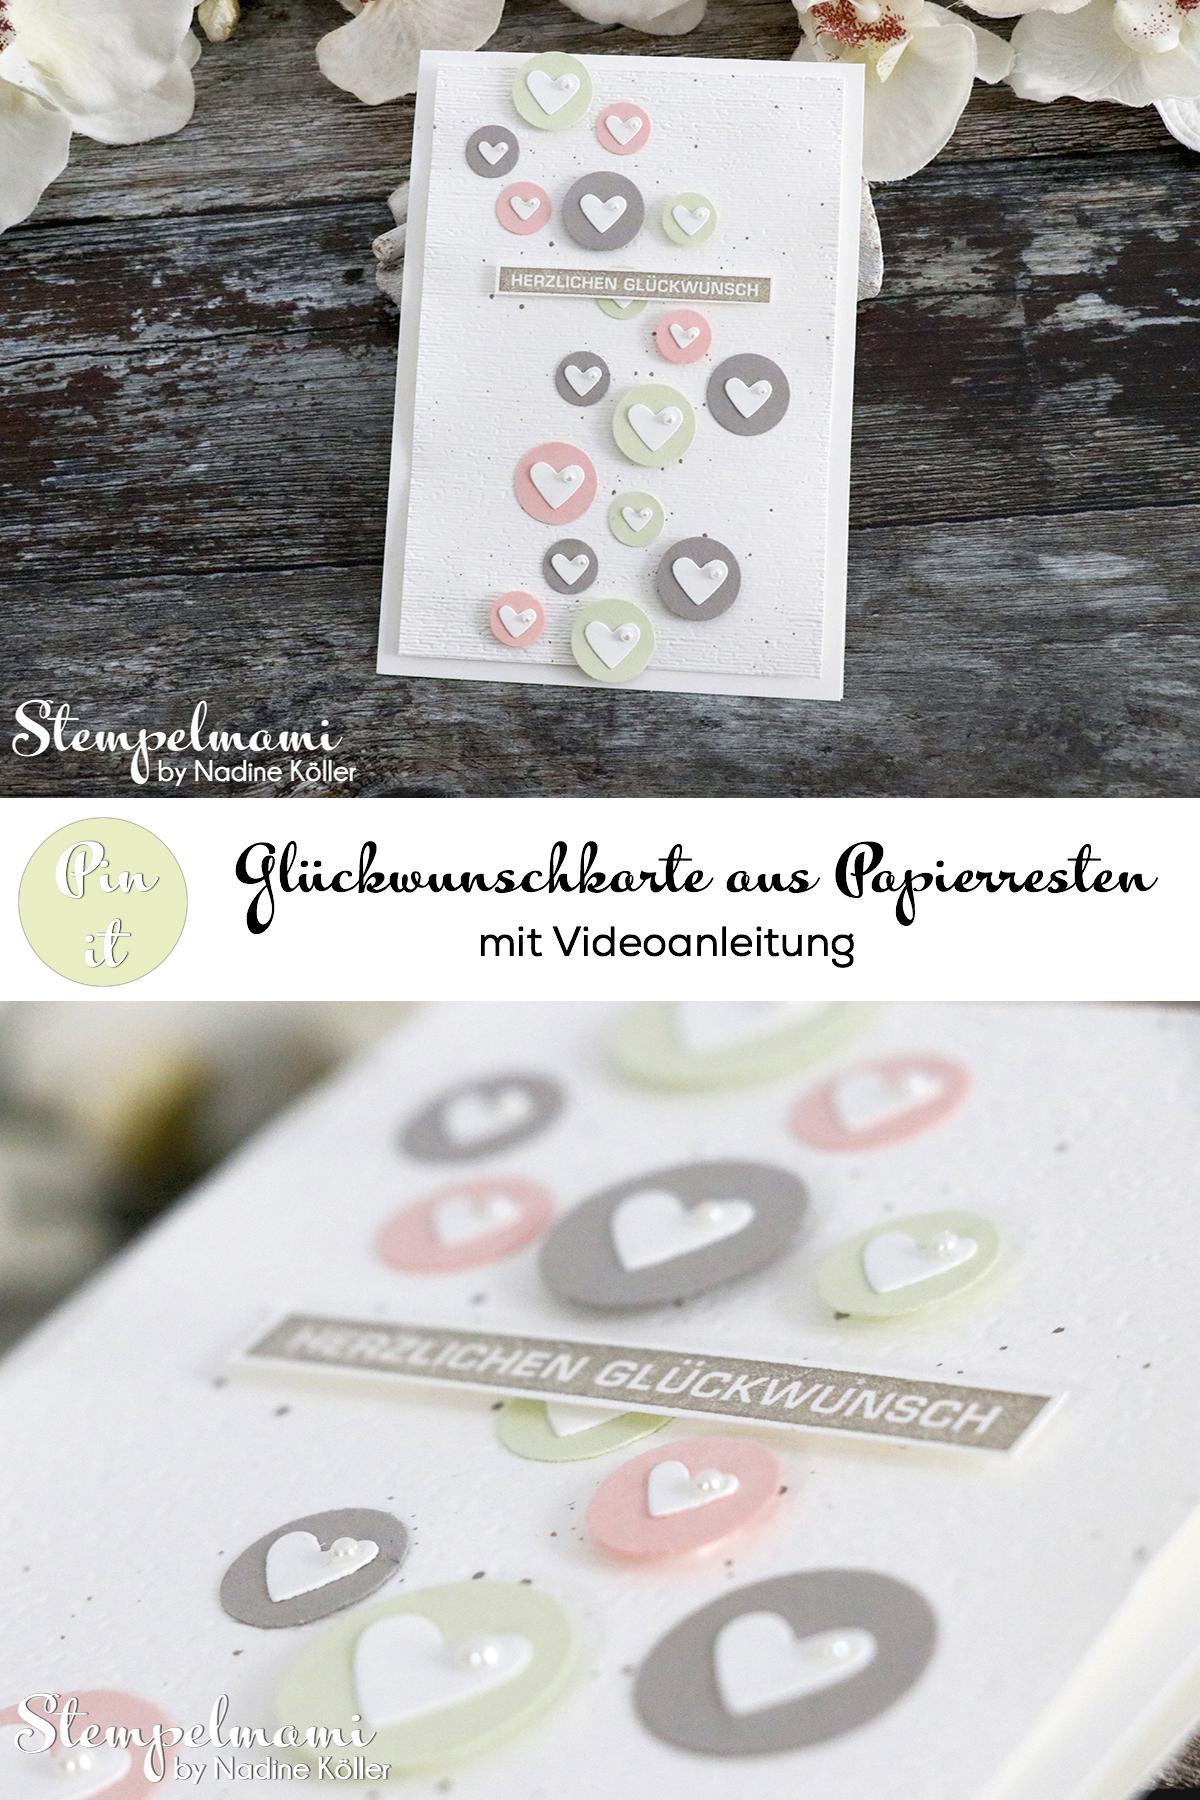 Stampin Up Glueckwunschkarte aus Papierresten basteln mit Videoanleitung Youtube Stempelmami Alles im Block 5